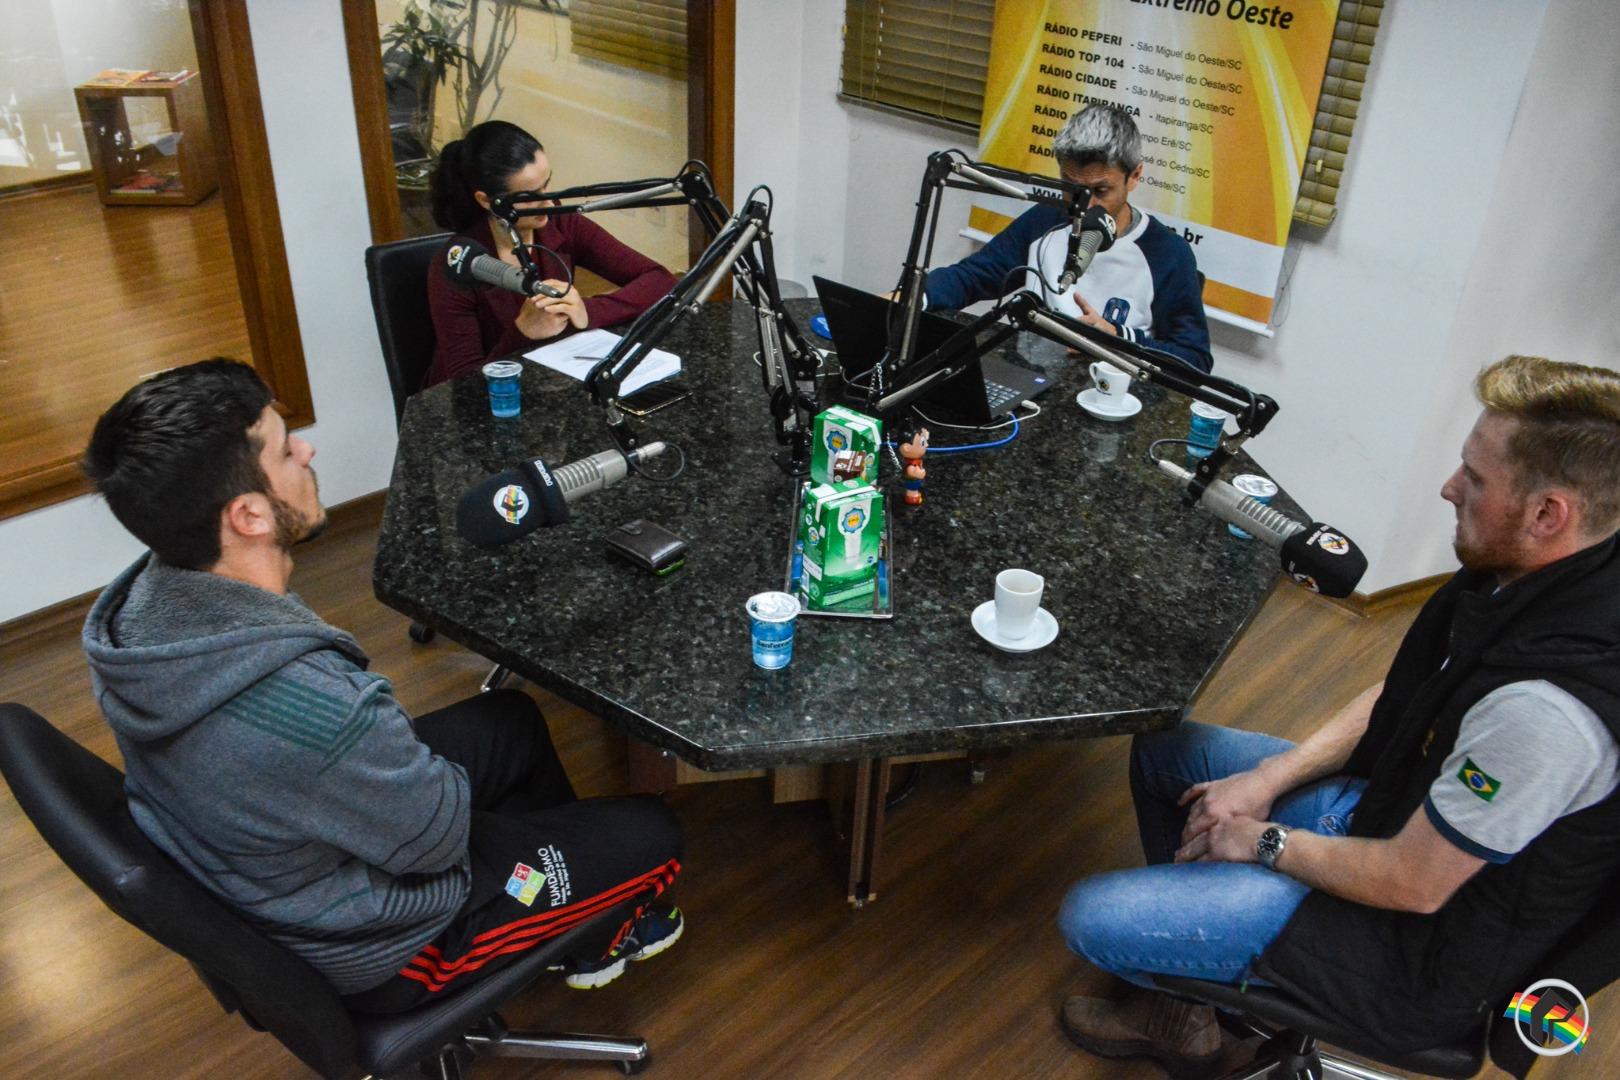 Peperi Debates fala sobre o futuro da agricultura a partir da visão dos jovens